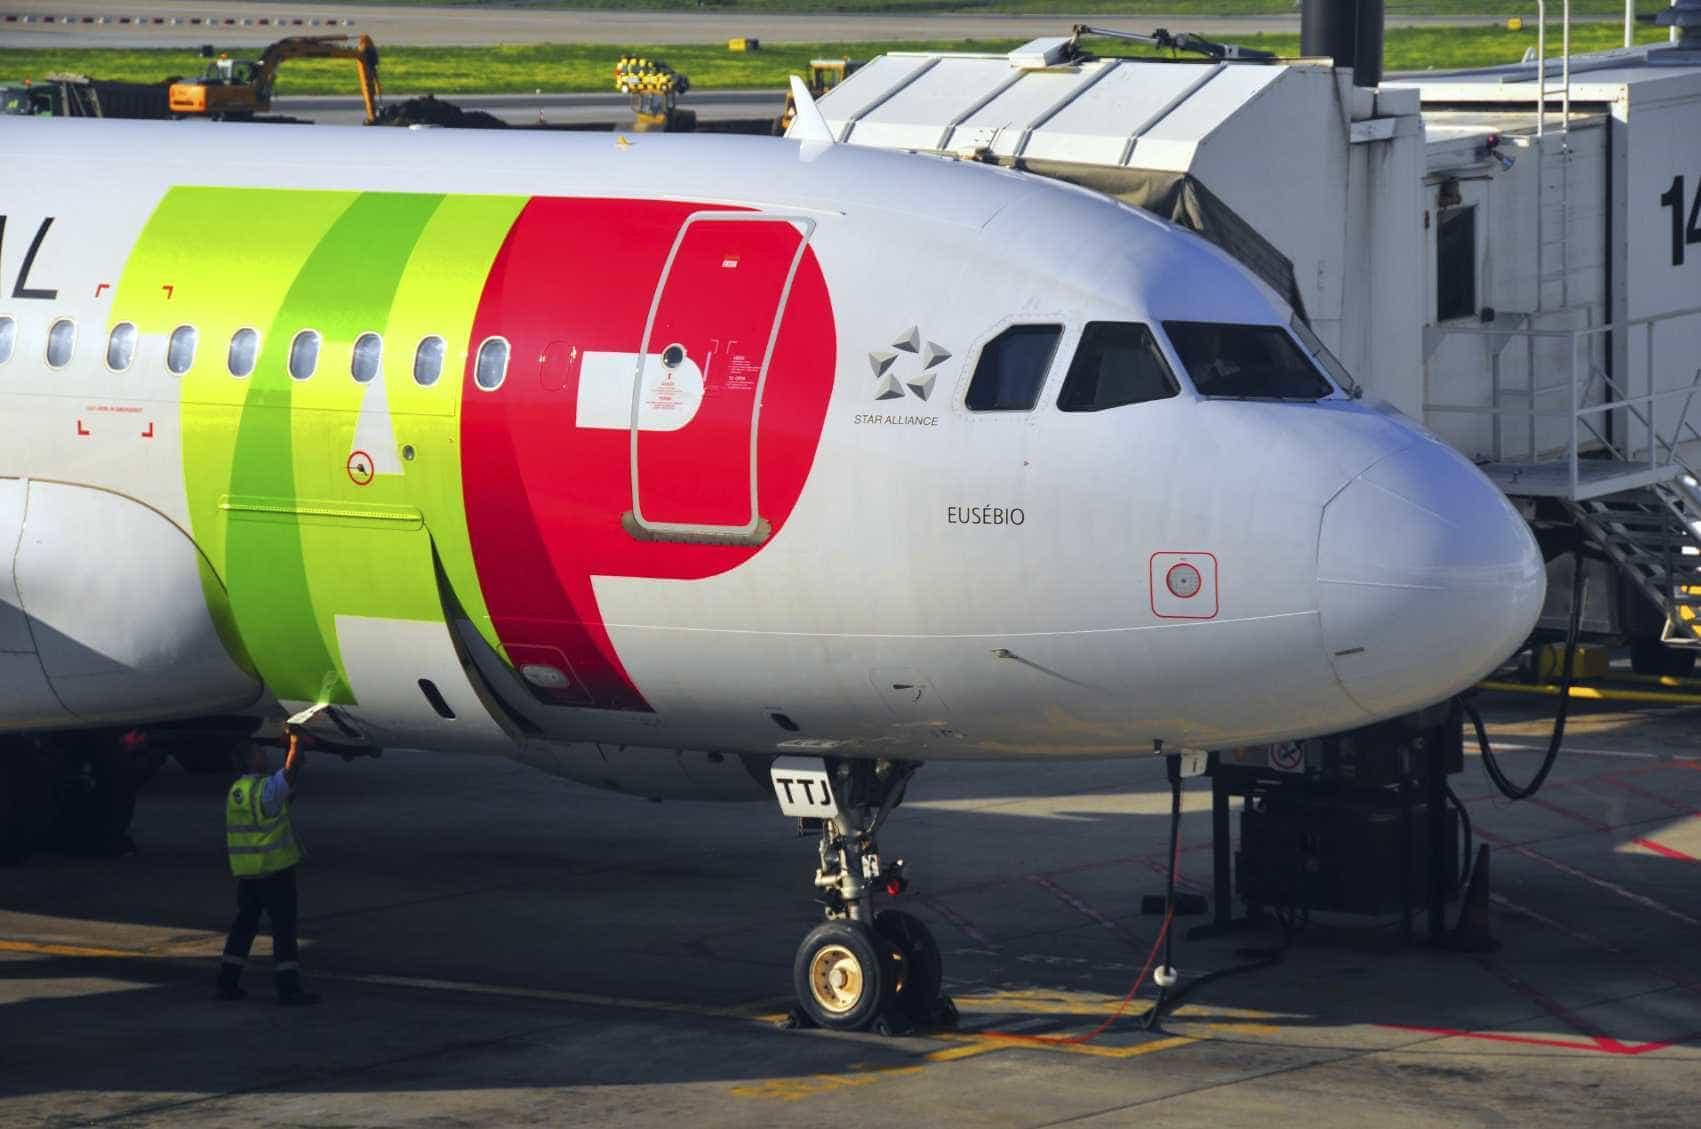 Aeroportos portugueses registam cerca de 43 milhões de passageiros